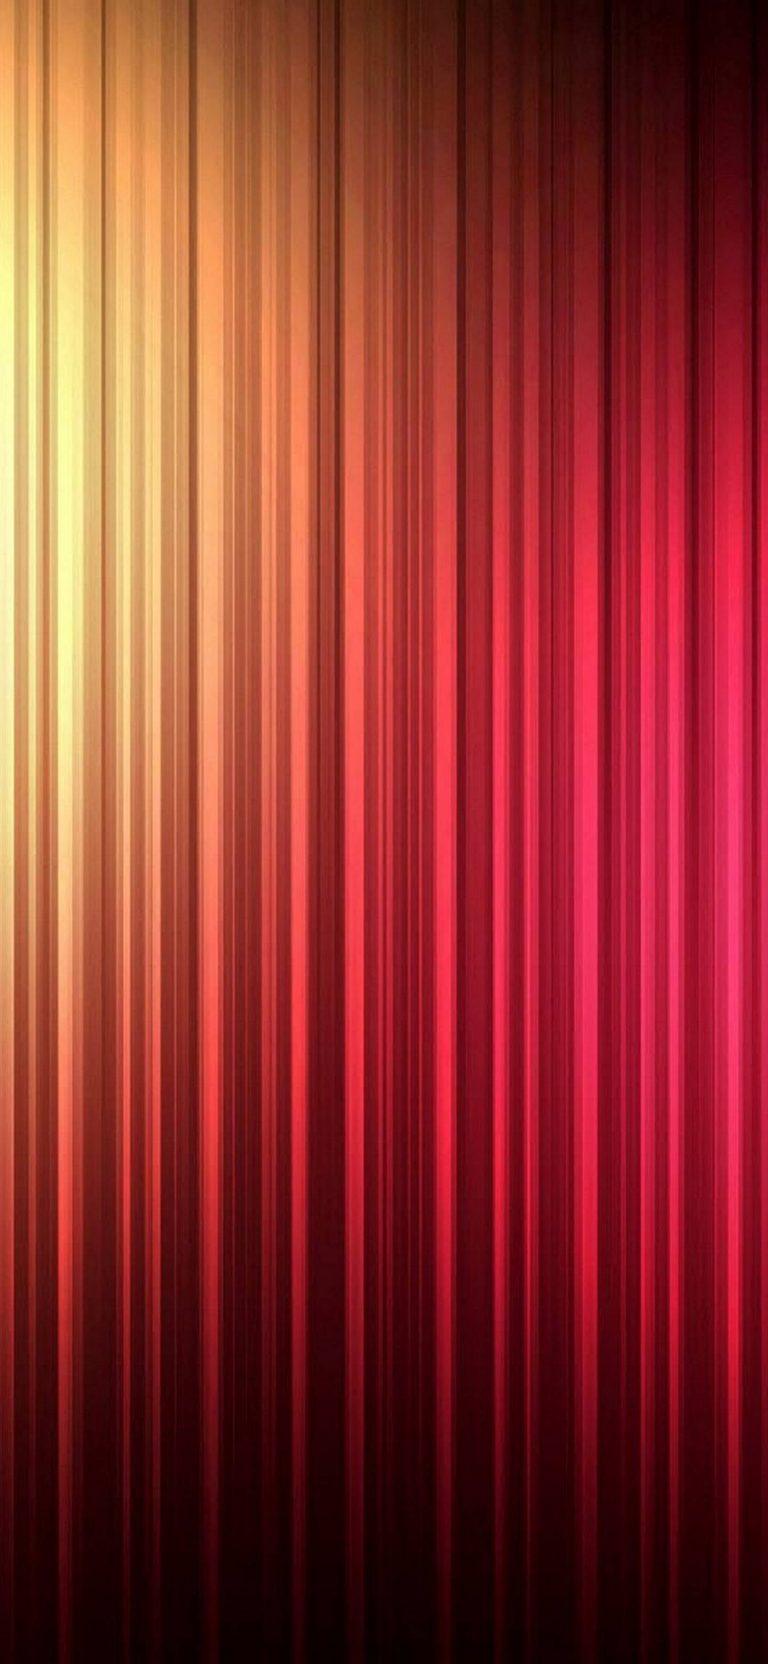 1440x3120 Wallpaper 004 768x1664